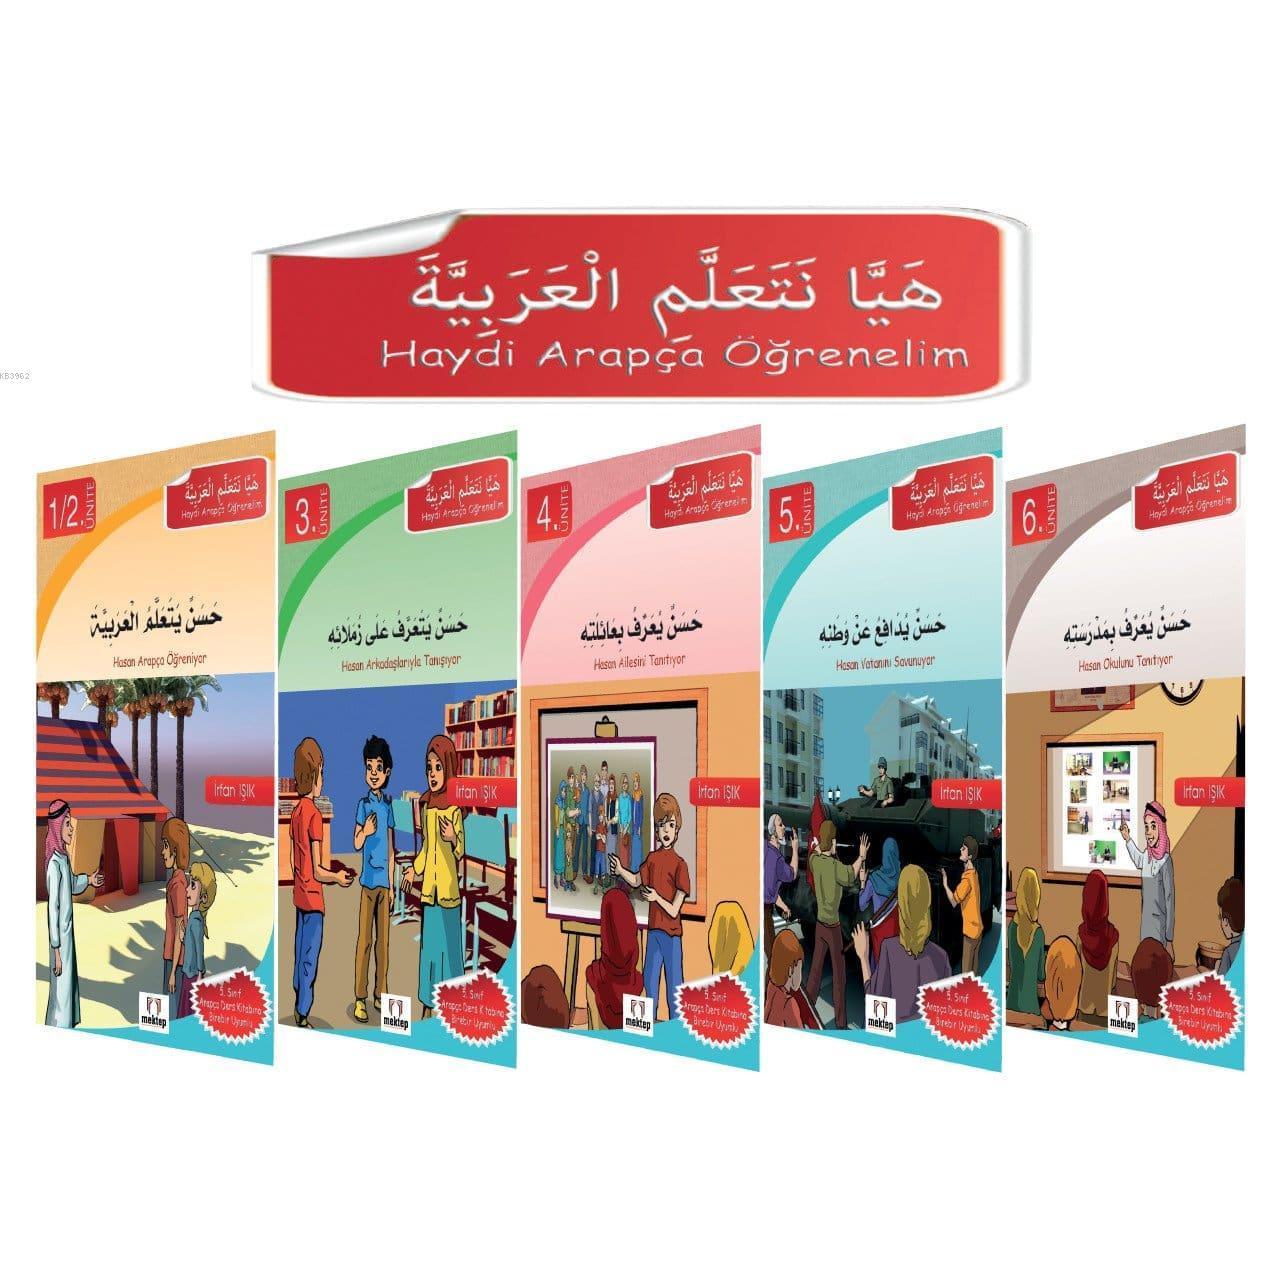 Haydi Arapça Öğrenelim - Hikaye Seti